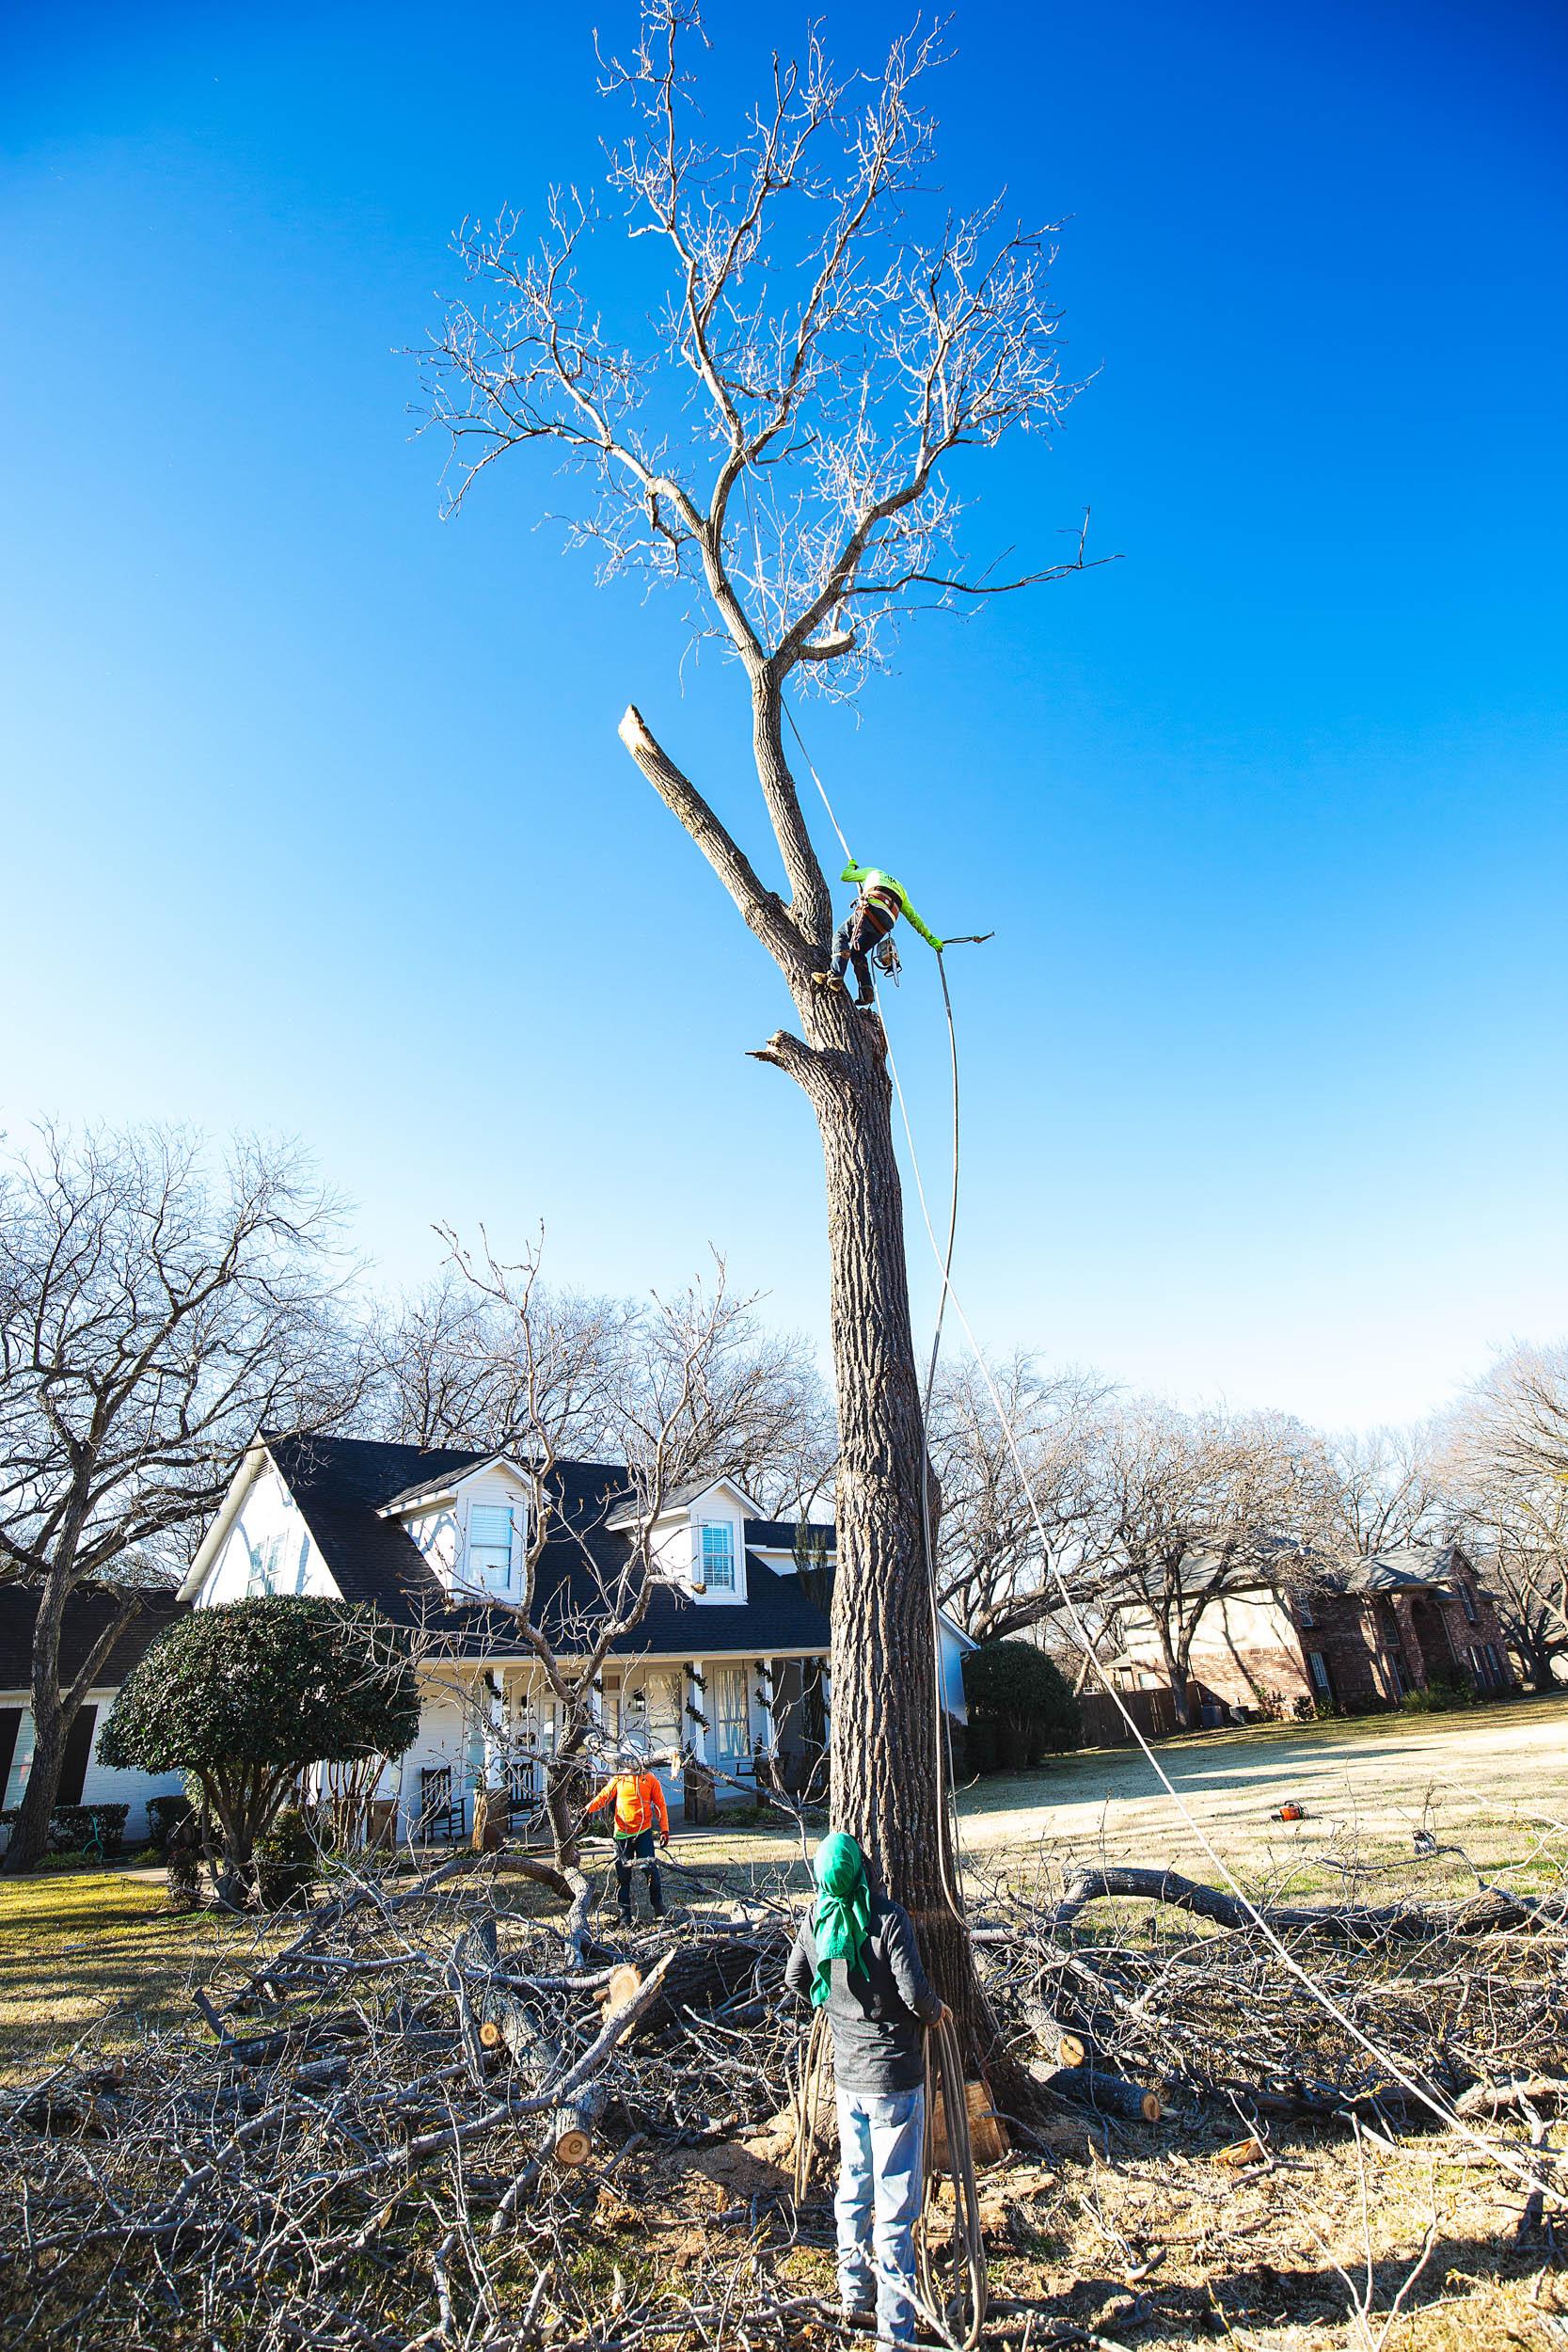 Tree Trim Service in keller Texas (25 of 49).jpg